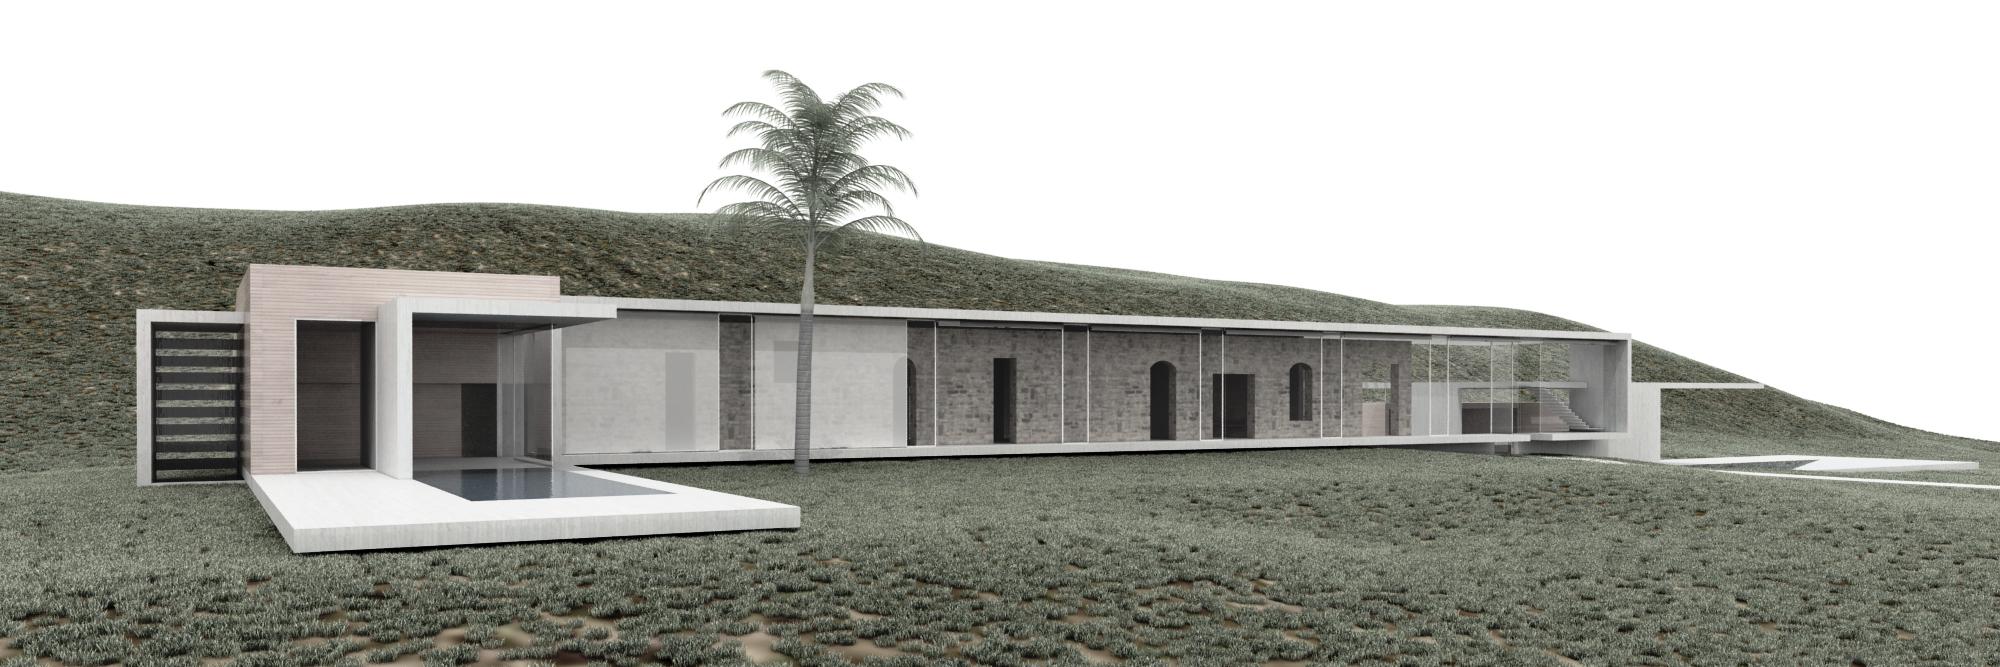 case-di-lusso-siracusa-lord farm casale siciliano in vendita 66